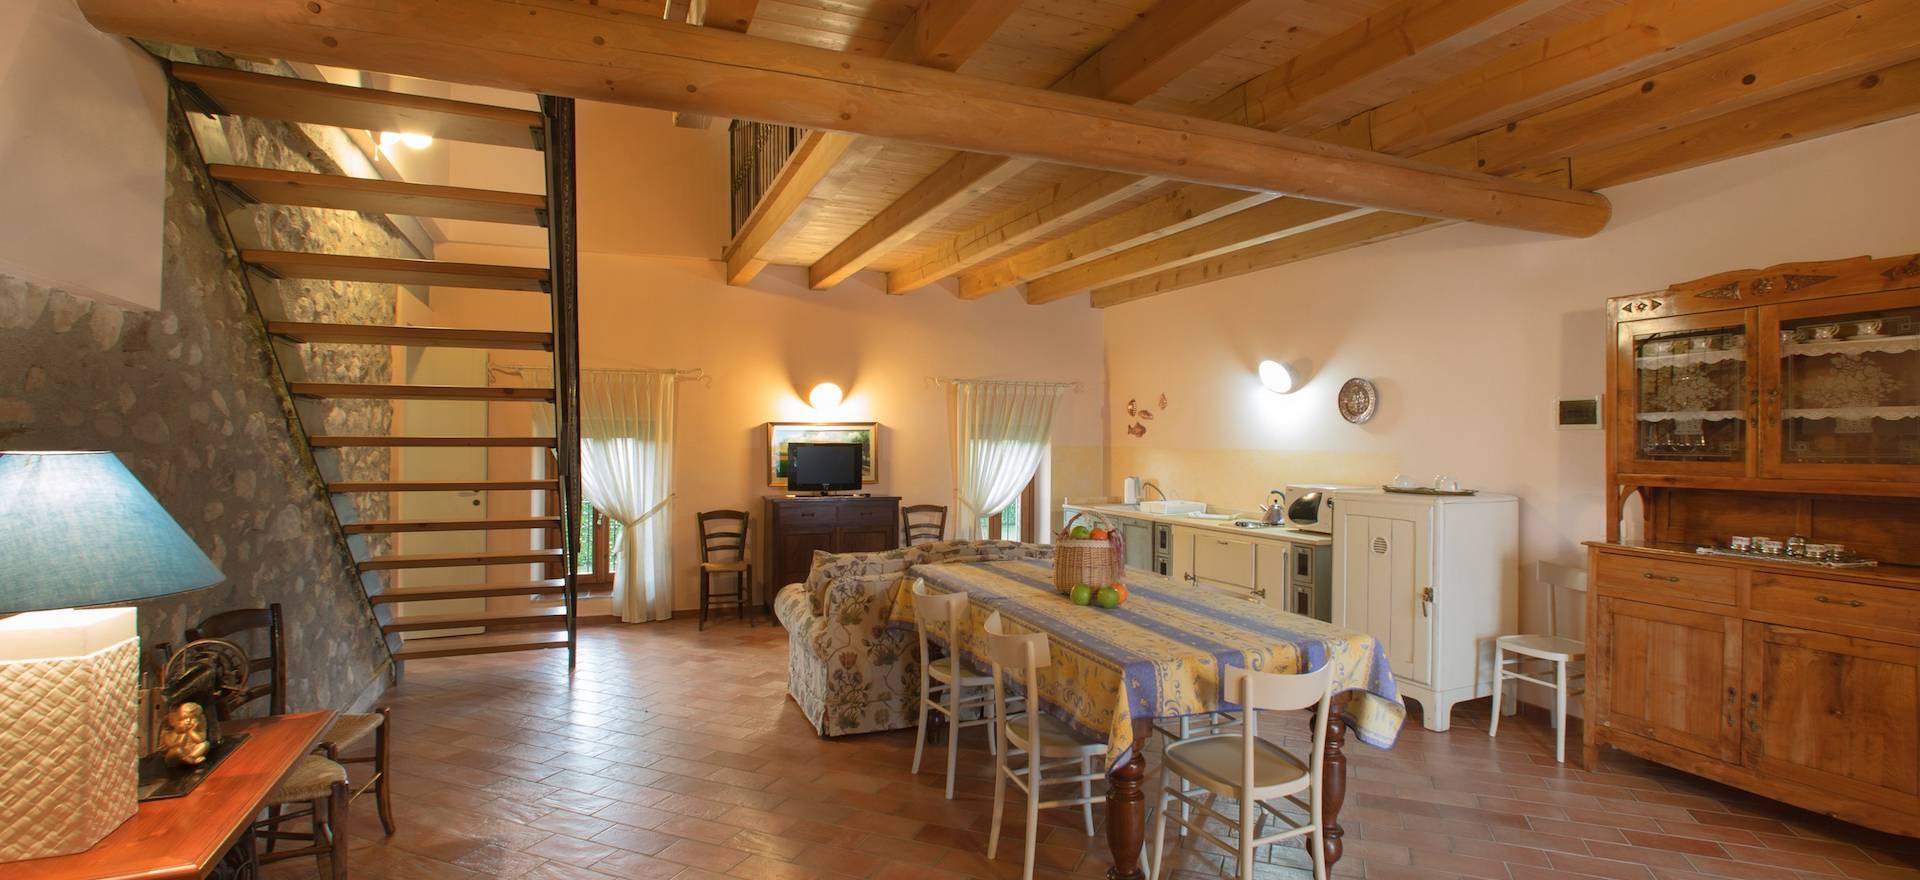 Agriturismo Lake Como and Lake Garda Small and cozy agriturismo near lake Garda